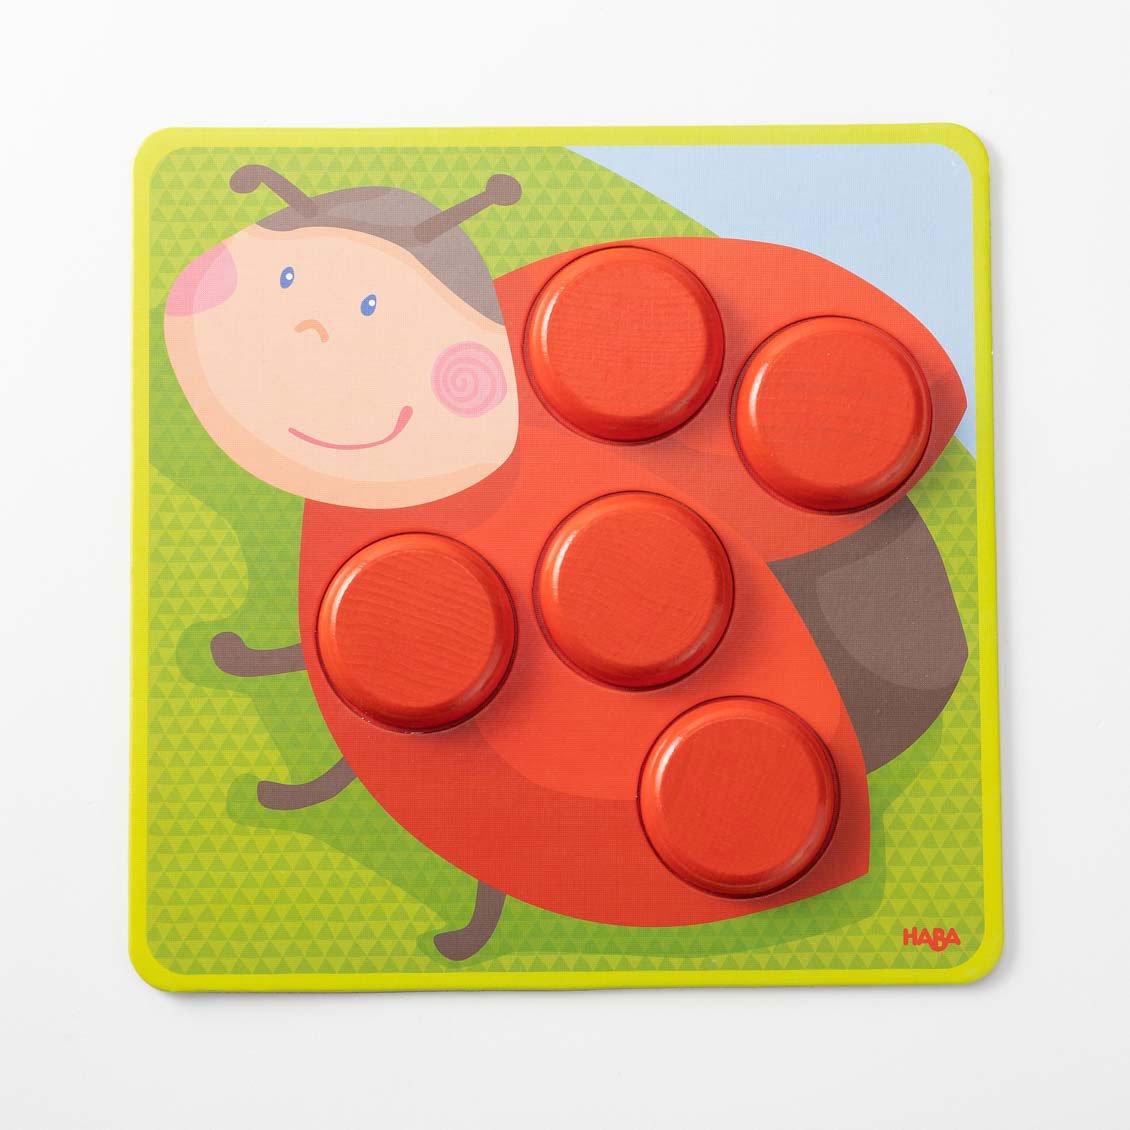 ボタンパズル・アニマル